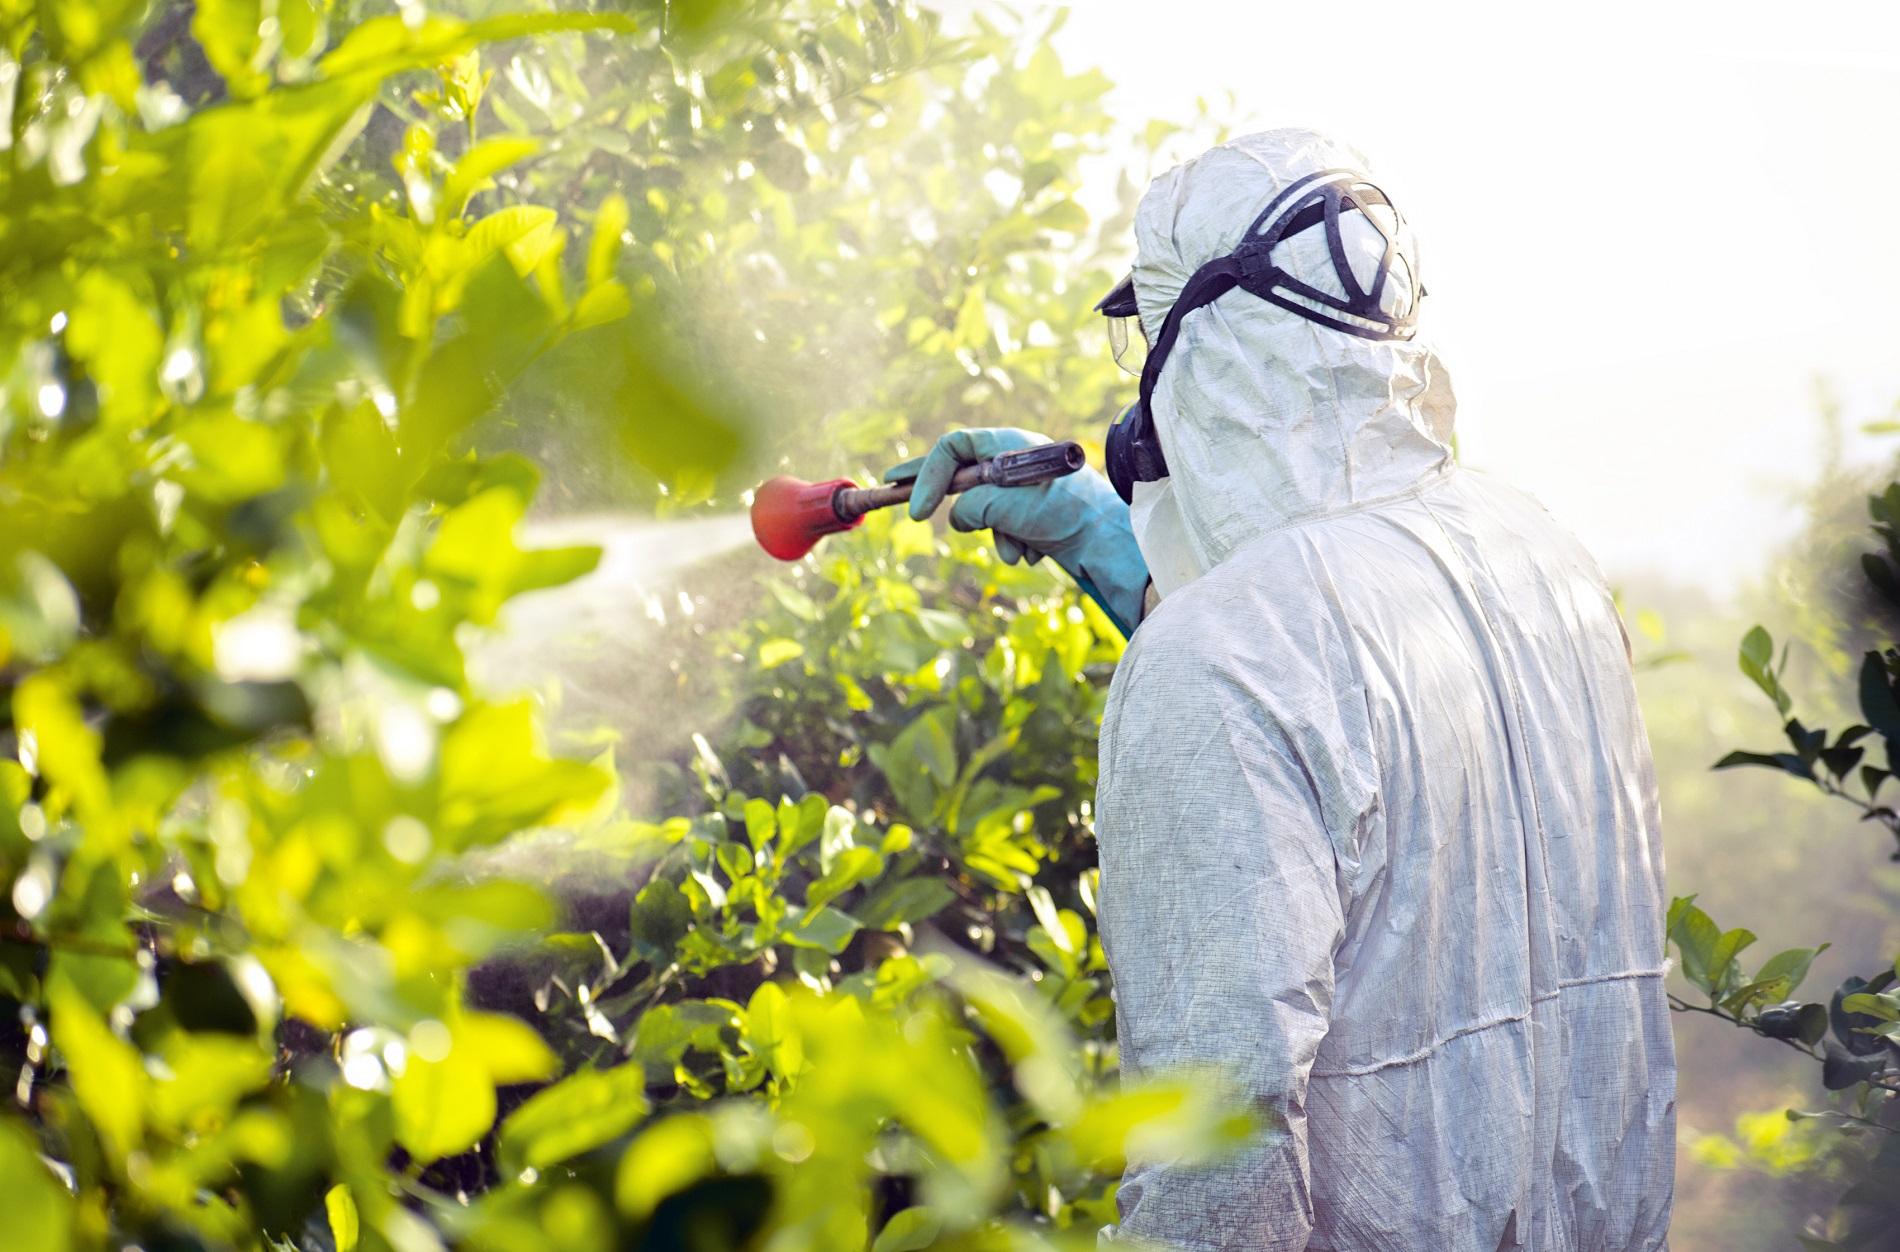 Buenas prácticas agrícolas: Ajuste de equipos de aplicación